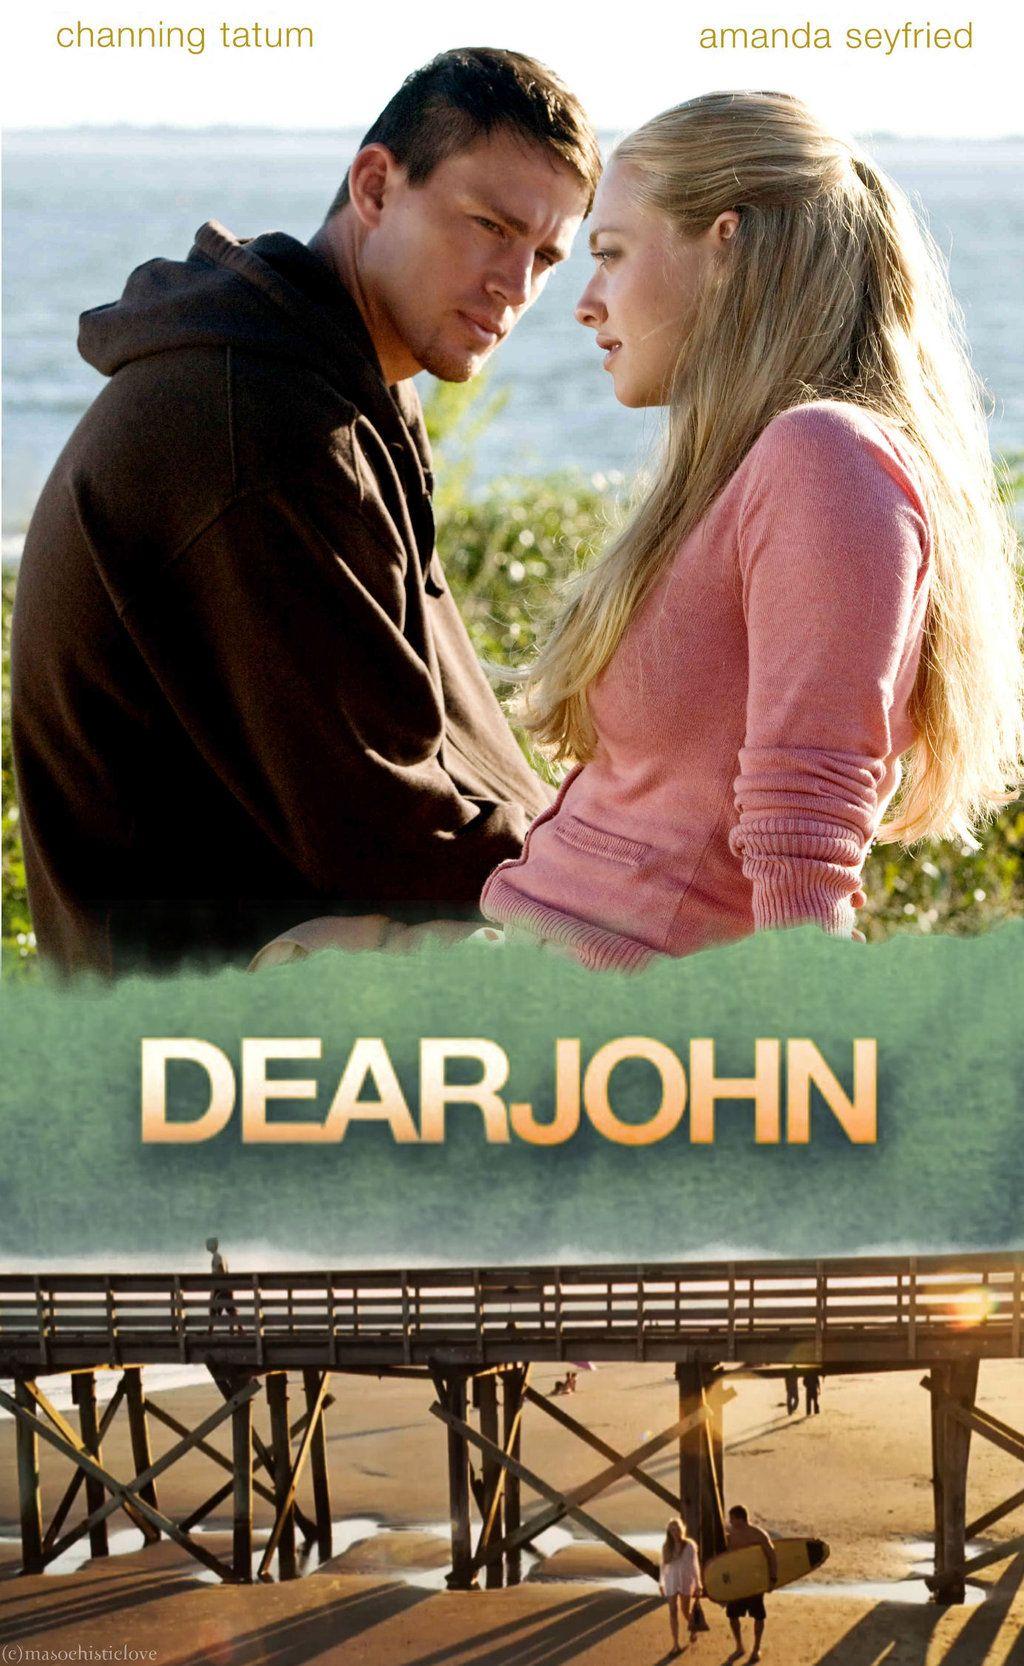 جان عزیز dear john